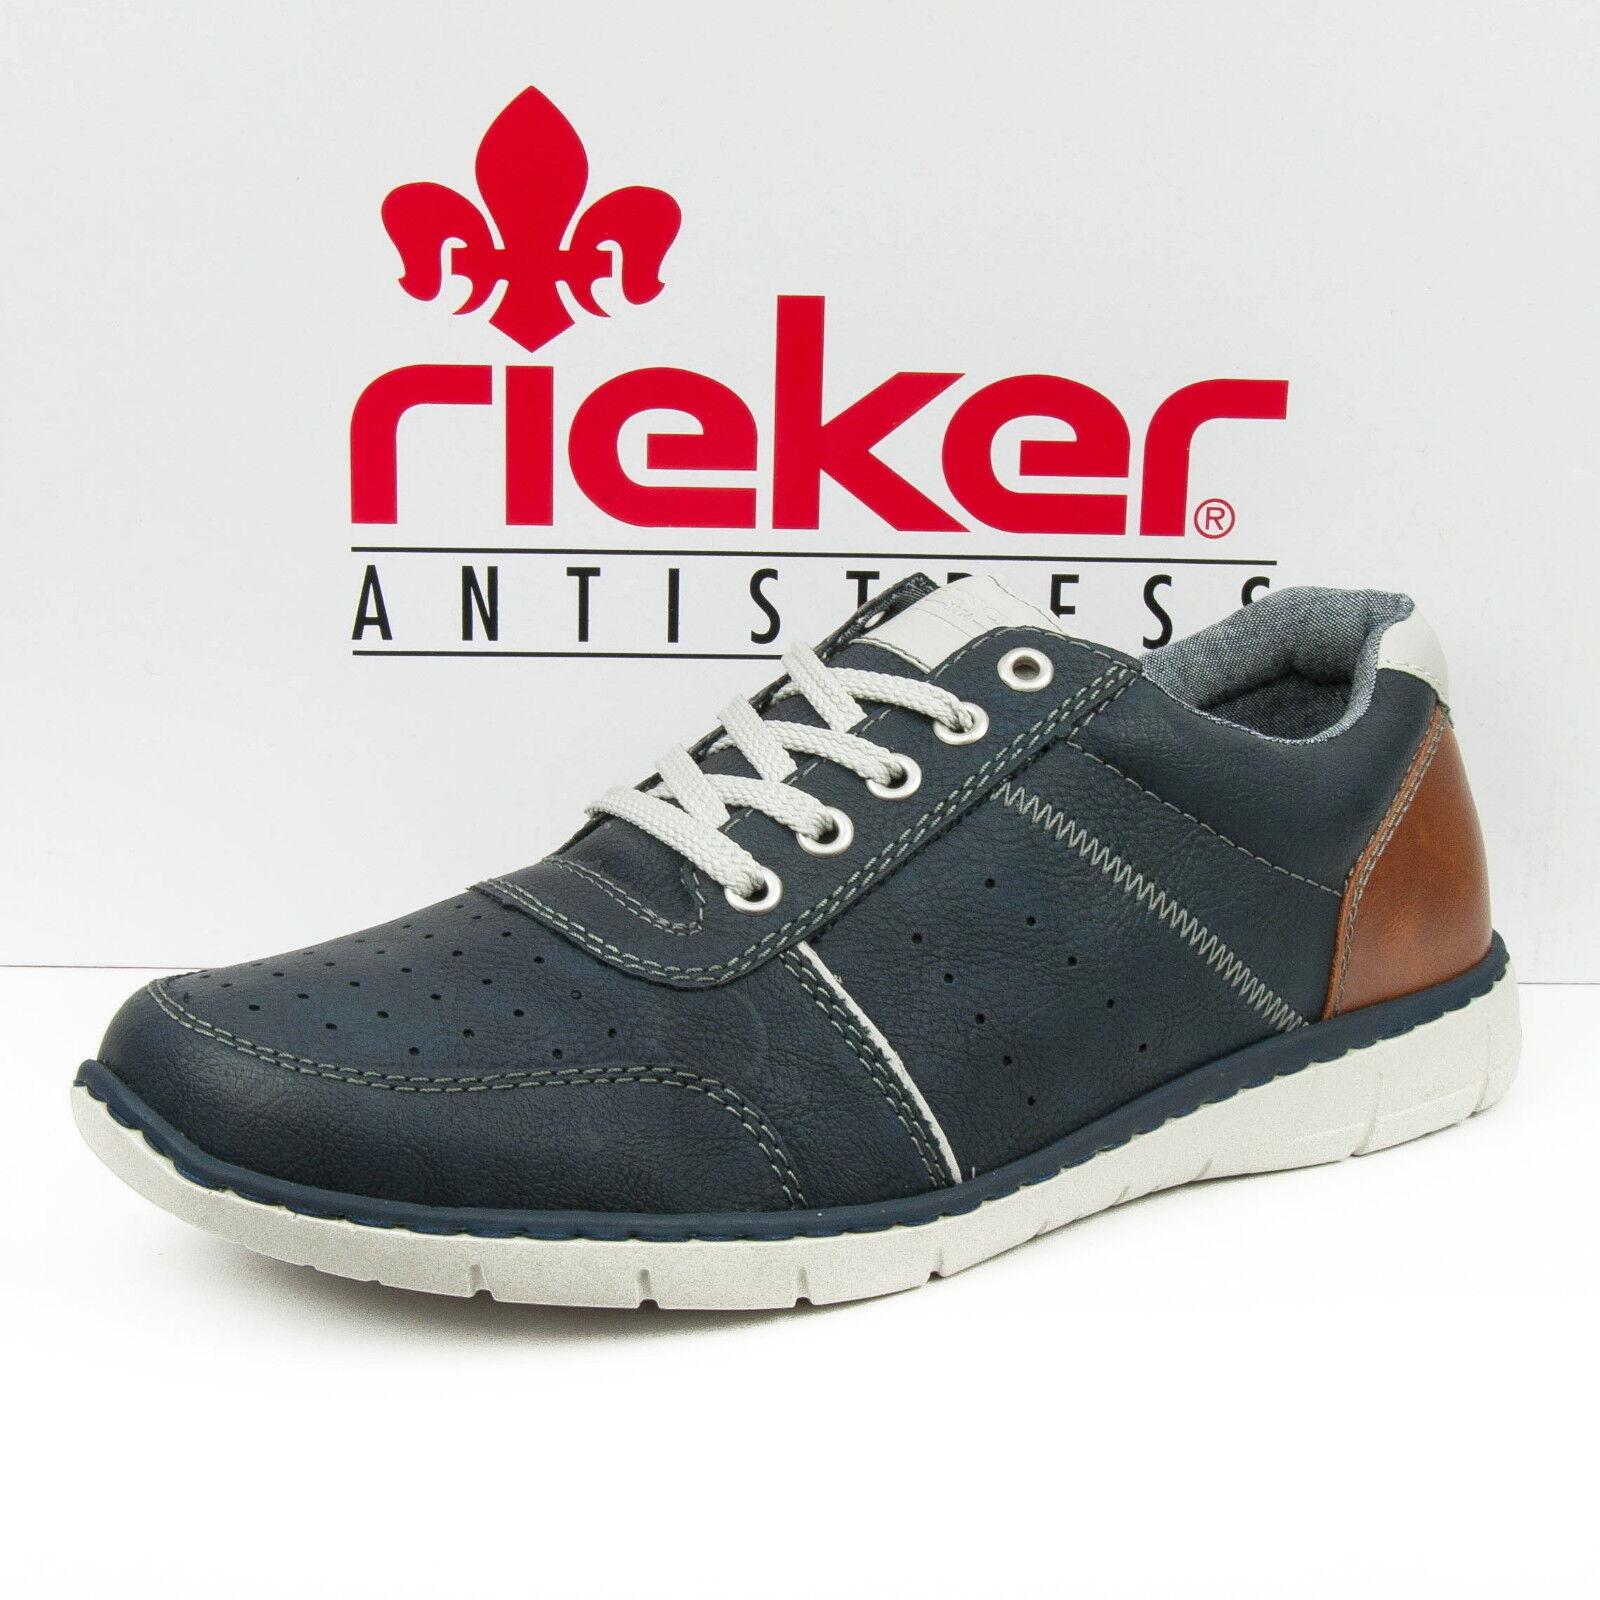 Rieker Scarpe da ginnastica Uomo basse con lacci blu combinato 15853-15 Scarpe classiche da uomo